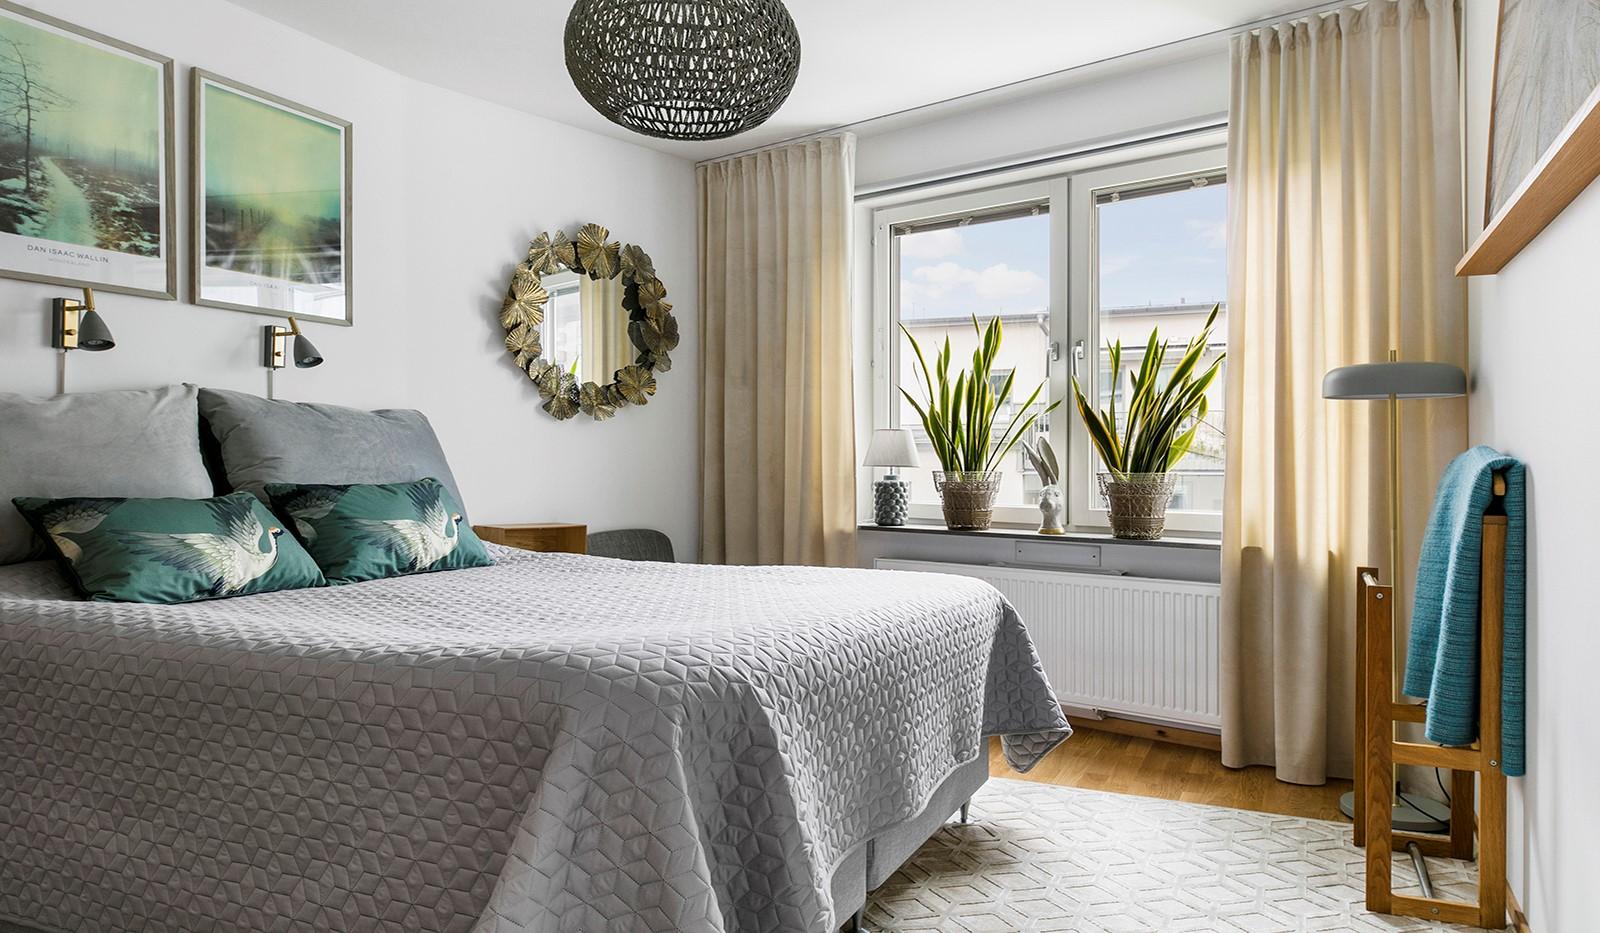 Sjöviksbacken 55, 4 tr - Ljust och rymligt sovrum